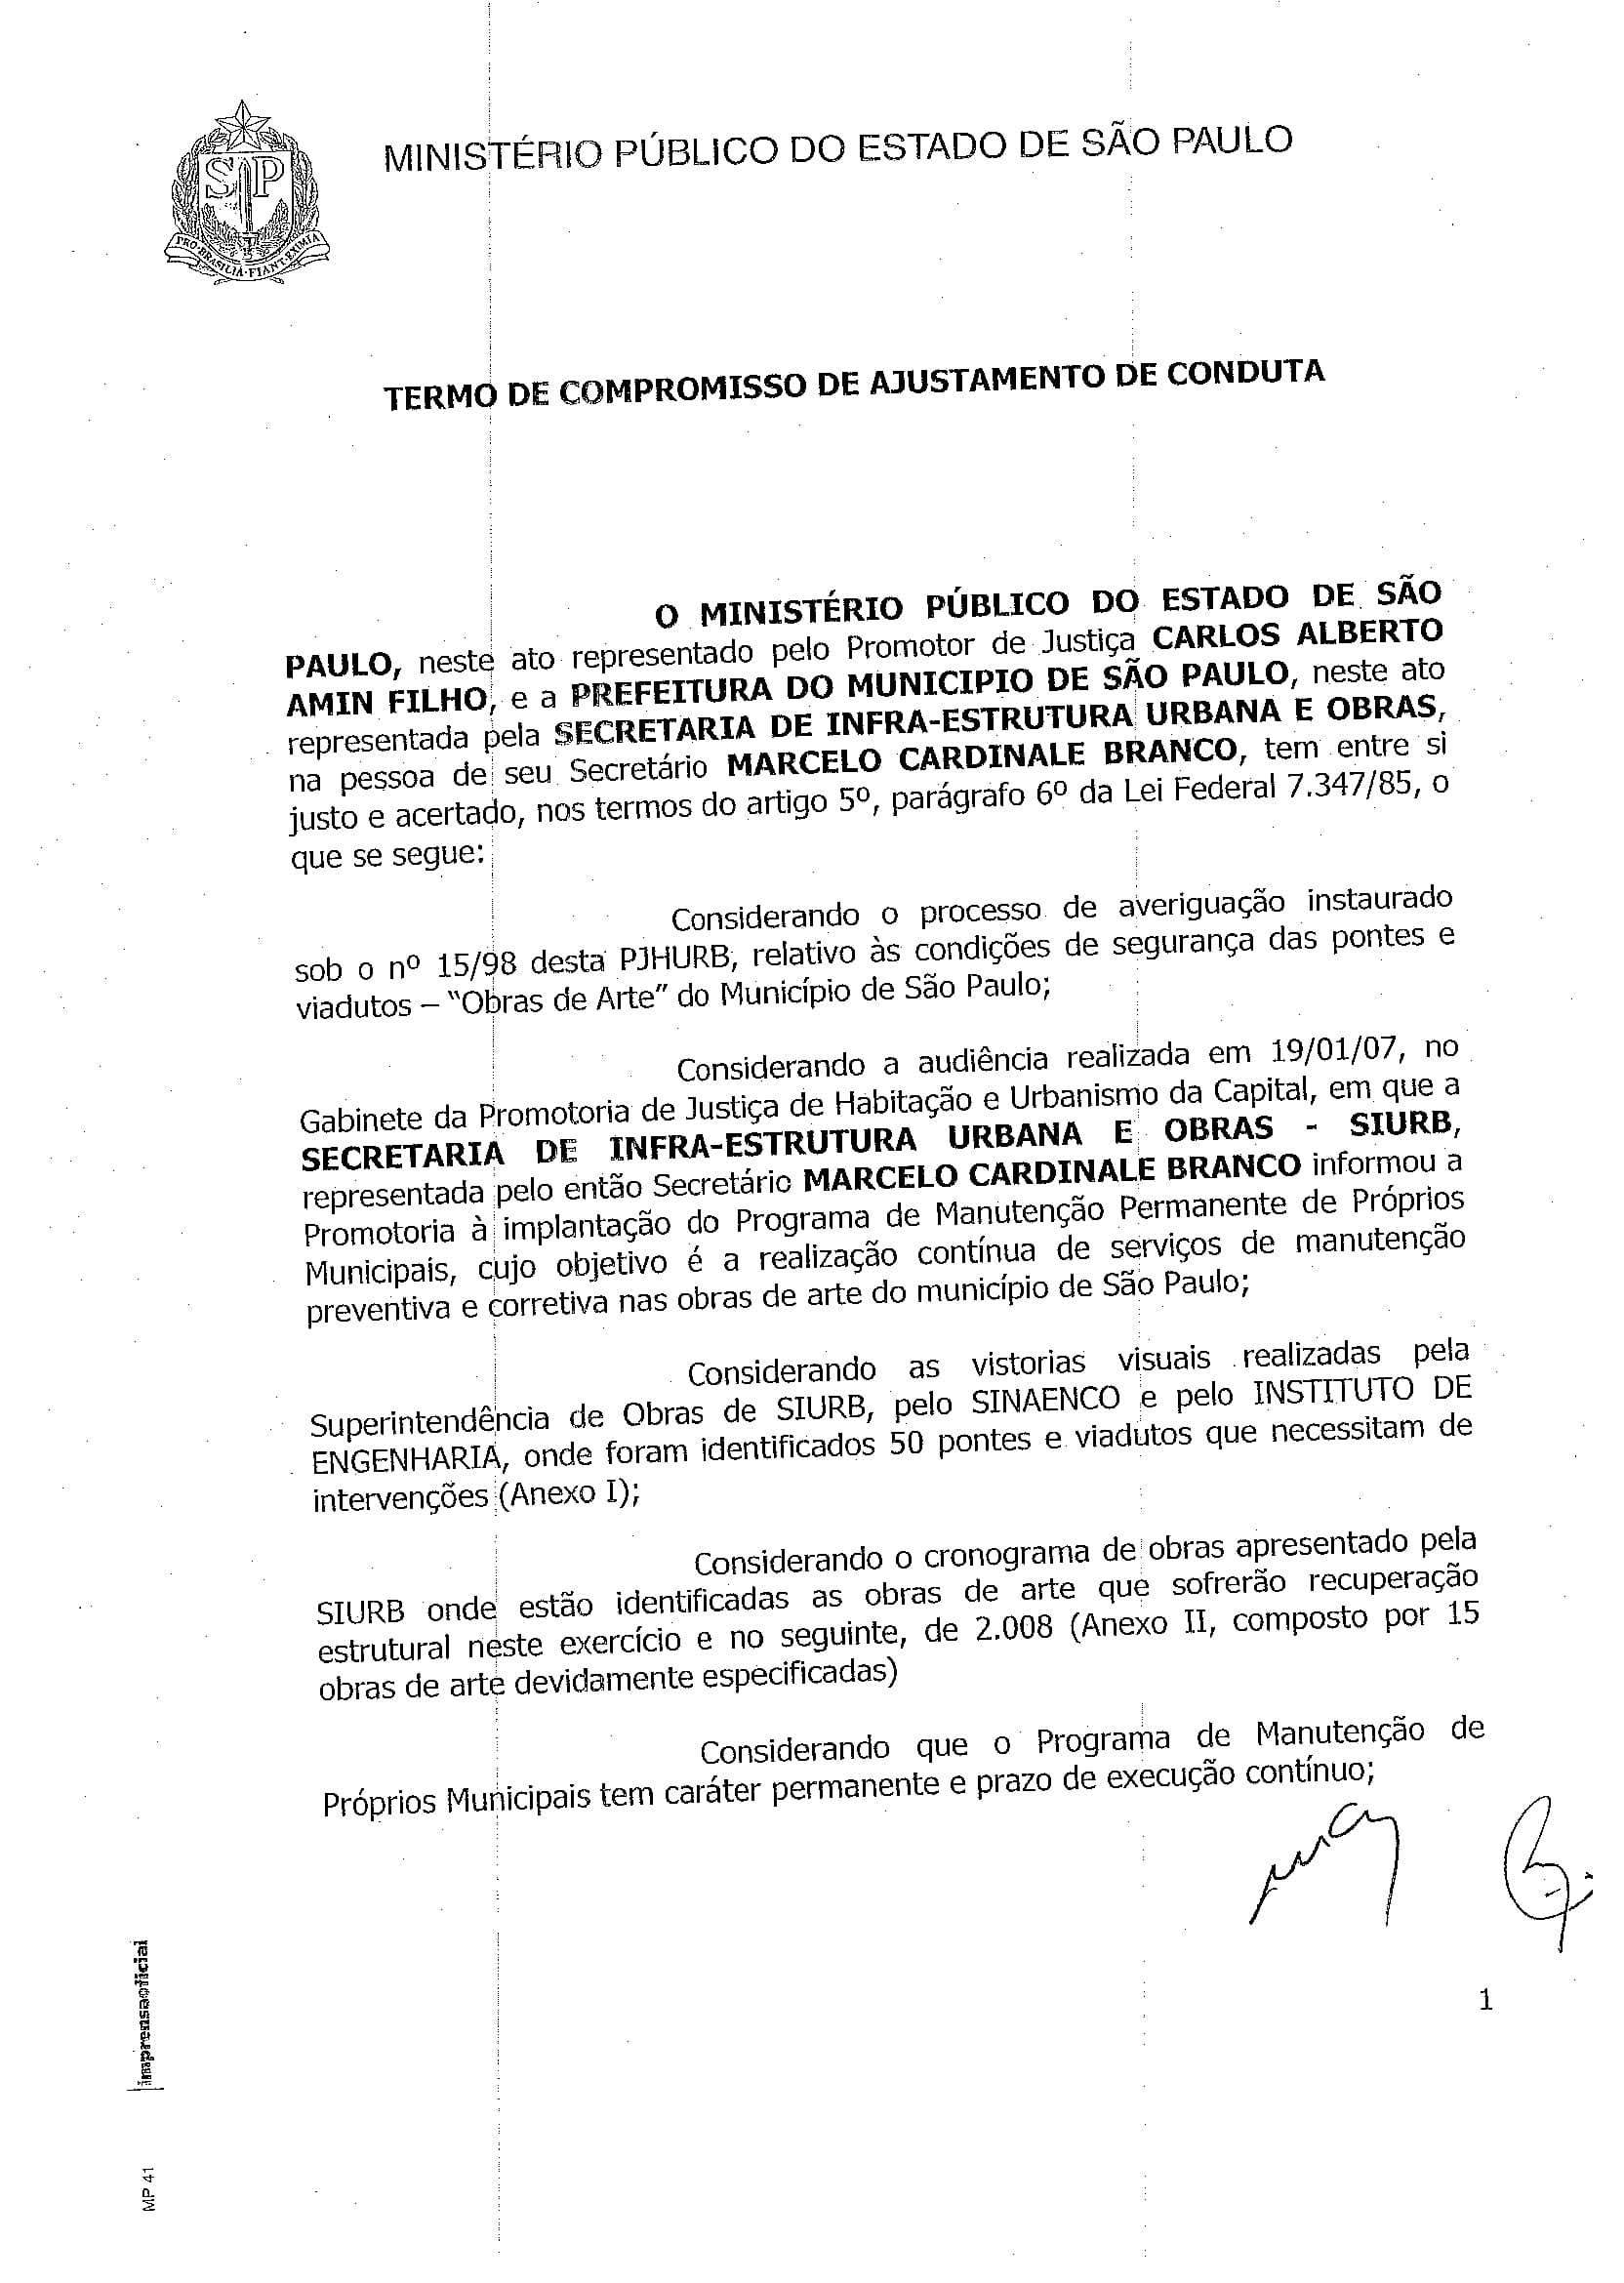 07 31 2007 TAC viadutos e pontes pj Haburb Amim Filho-1